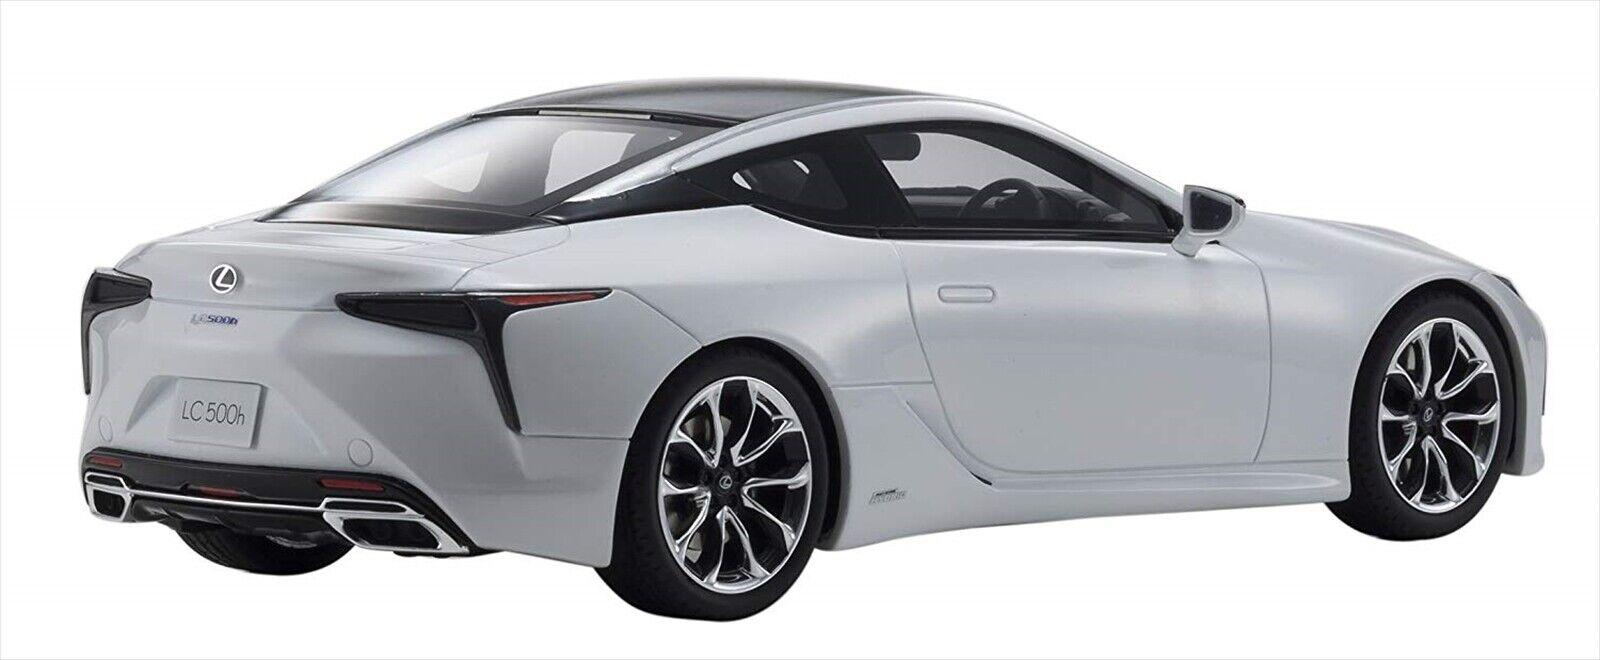 Kyosho samurai 1 18 Lexus LC 500 h h h White Resin Model KSR18024W NEW ef0125